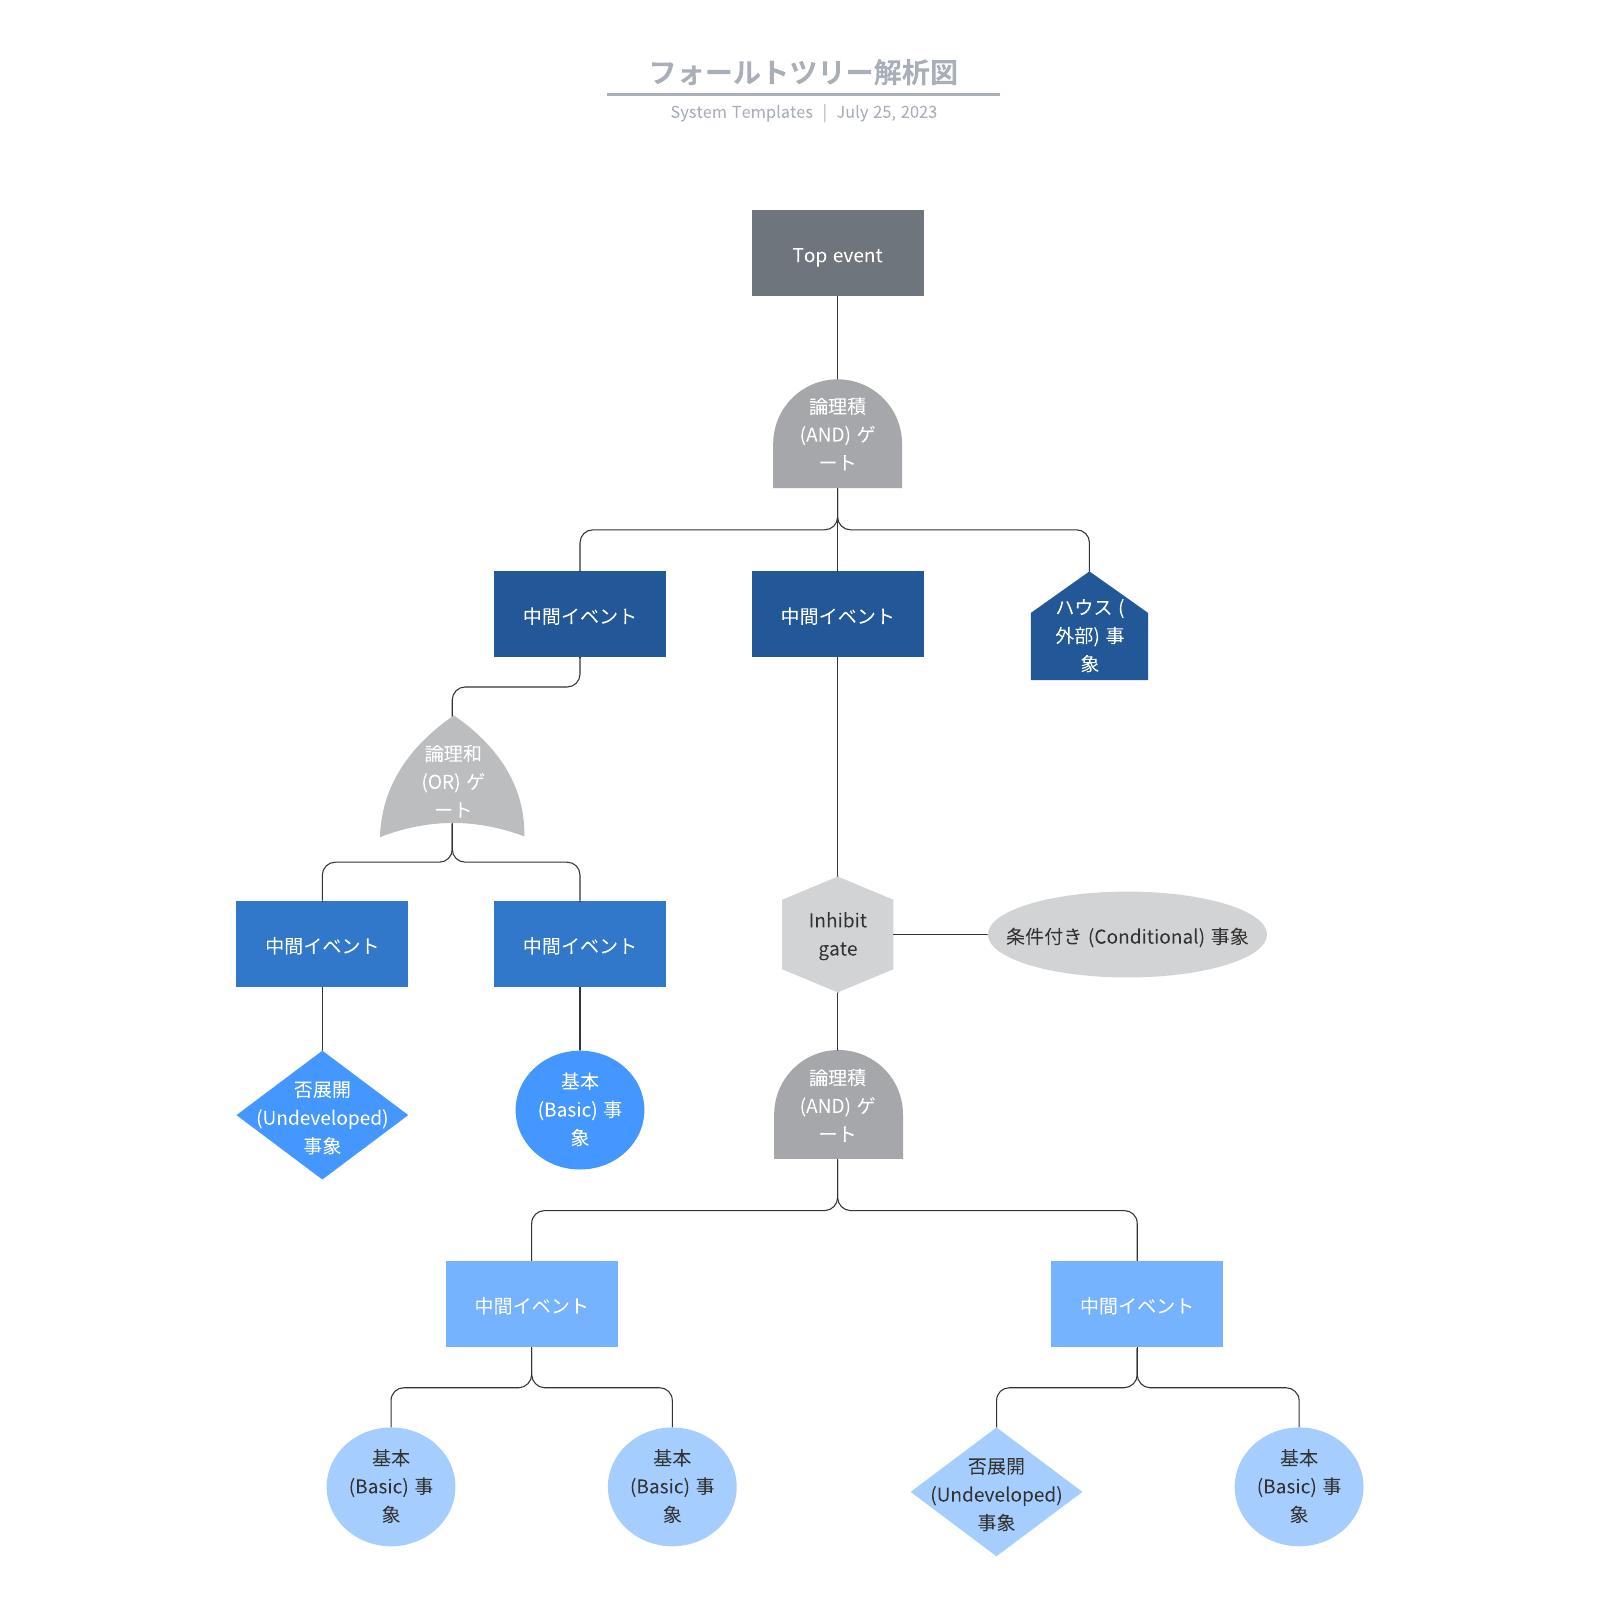 フォルトツリー解析図(Fault Tree Analysis)に使えるテンプレート